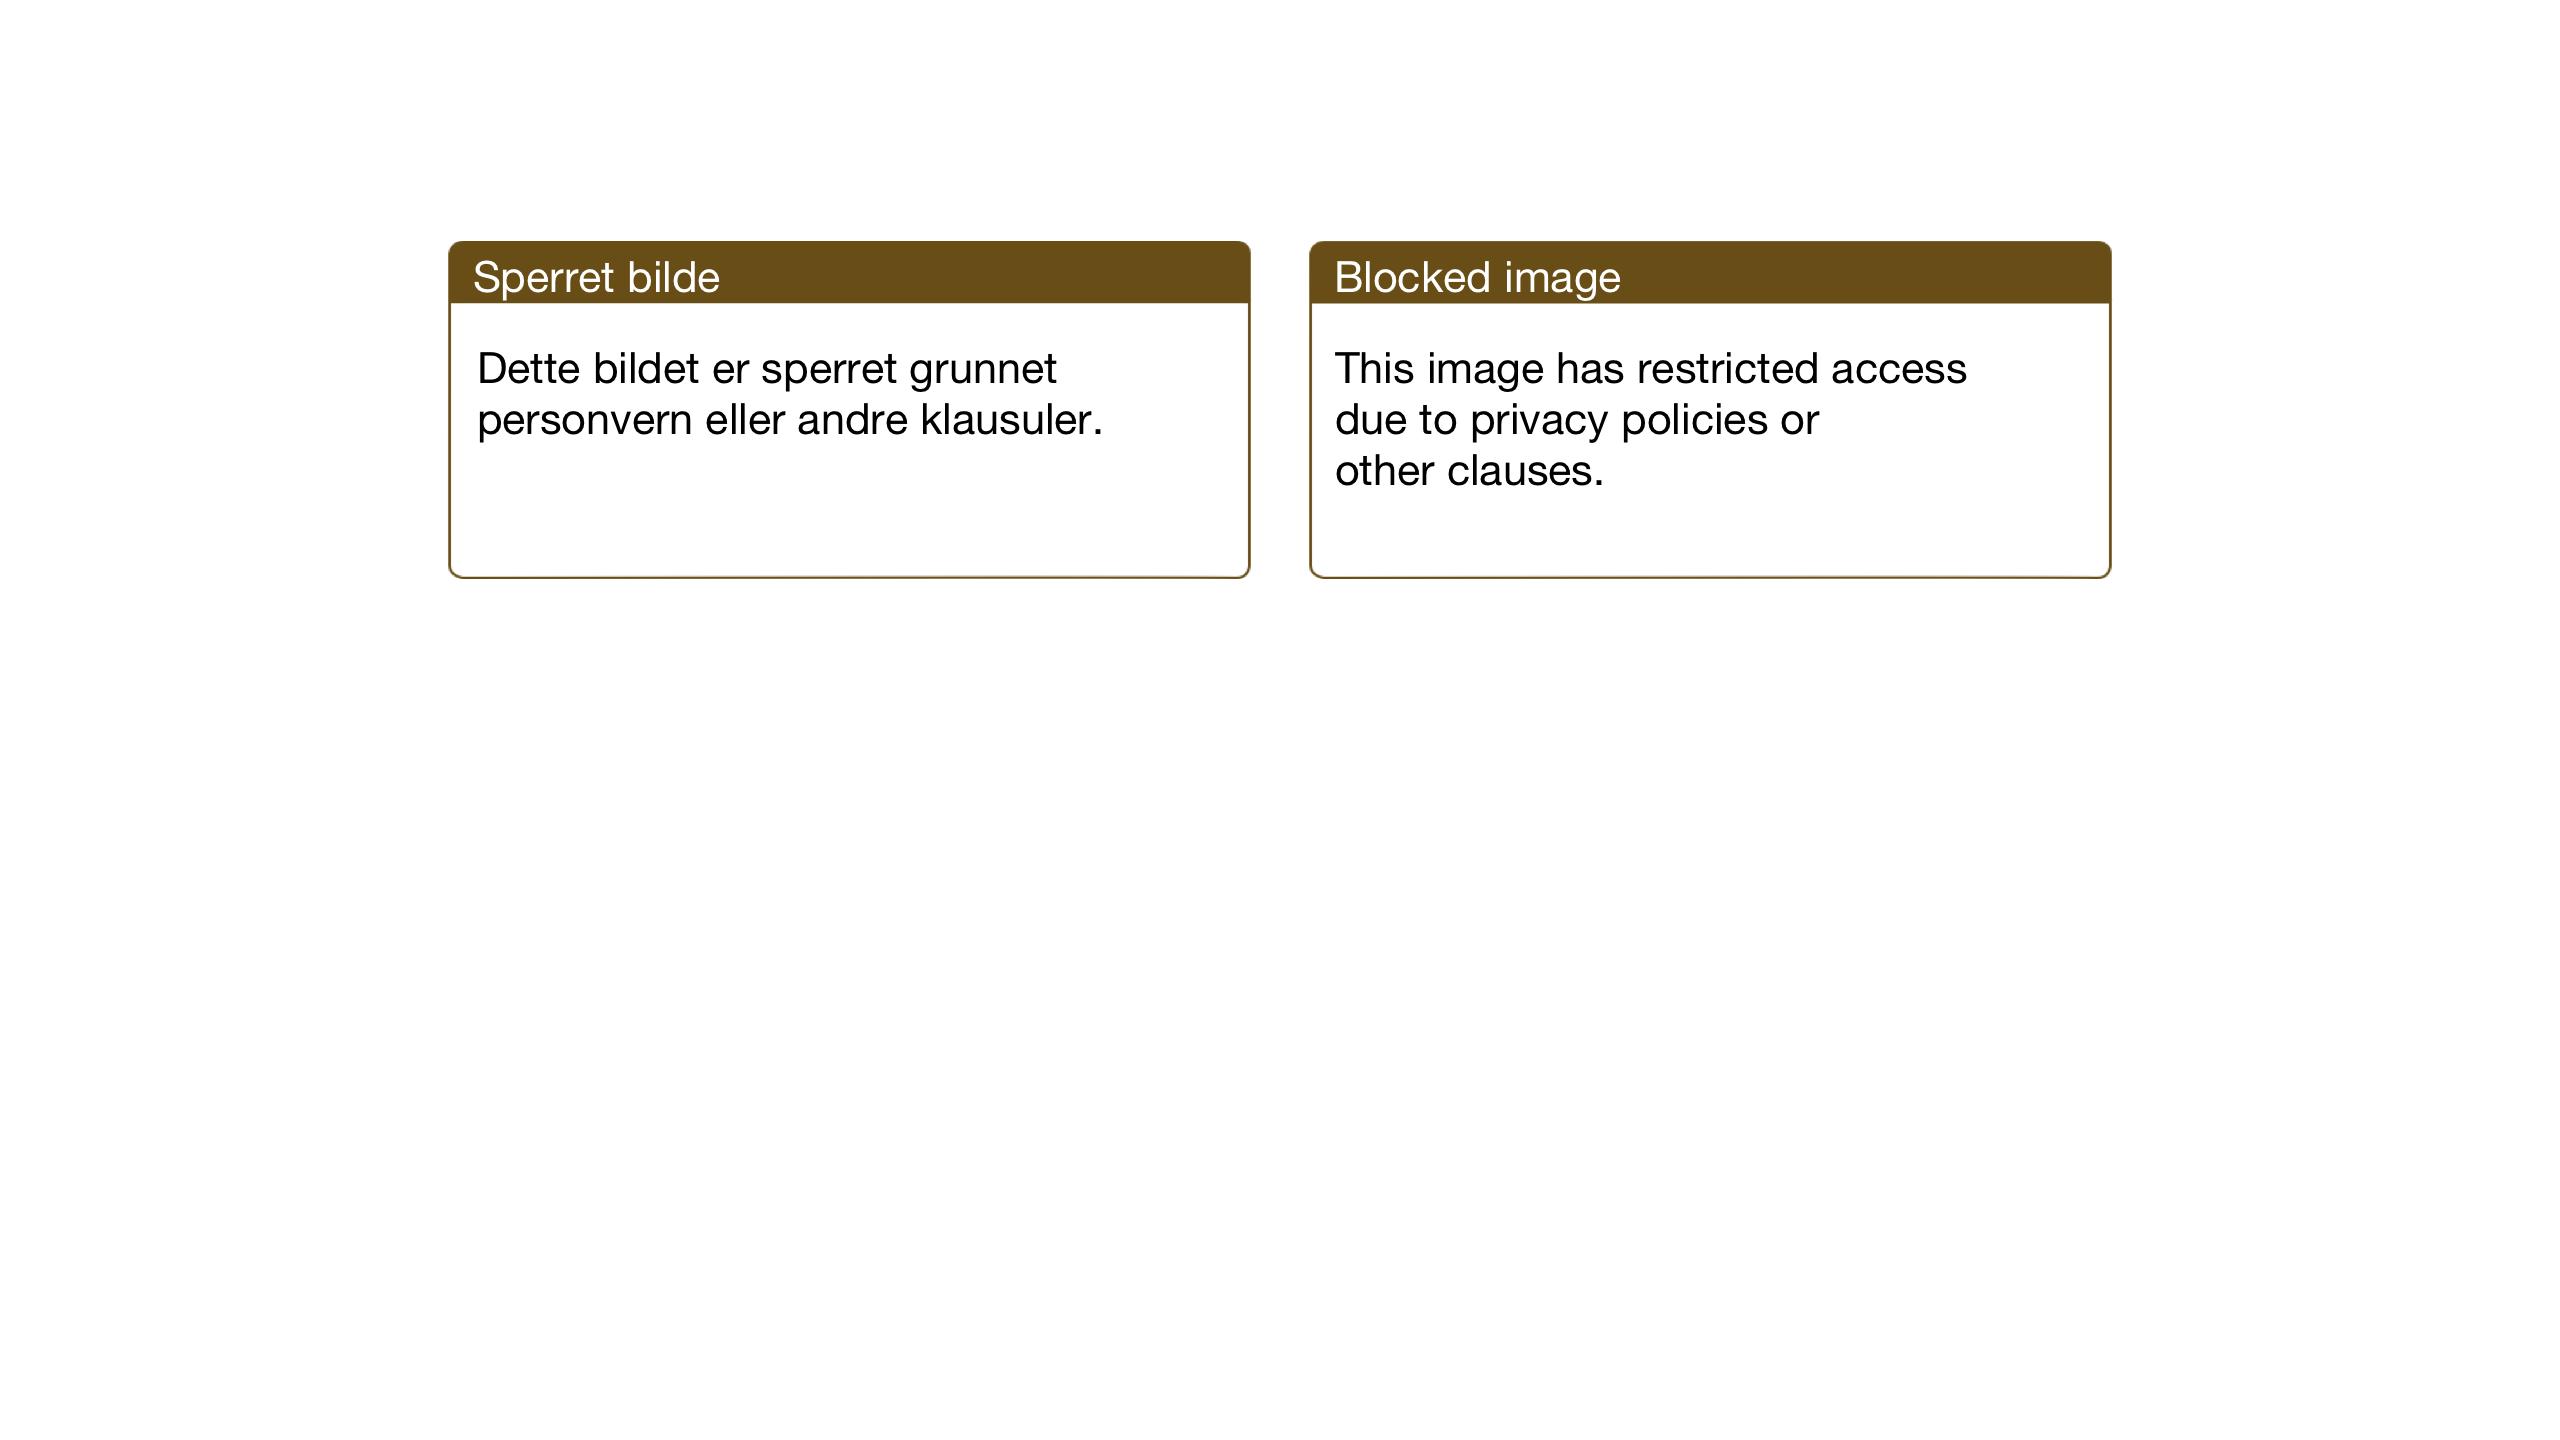 SAT, Ministerialprotokoller, klokkerbøker og fødselsregistre - Sør-Trøndelag, 618/L0454: Klokkerbok nr. 618C05, 1926-1946, s. 77